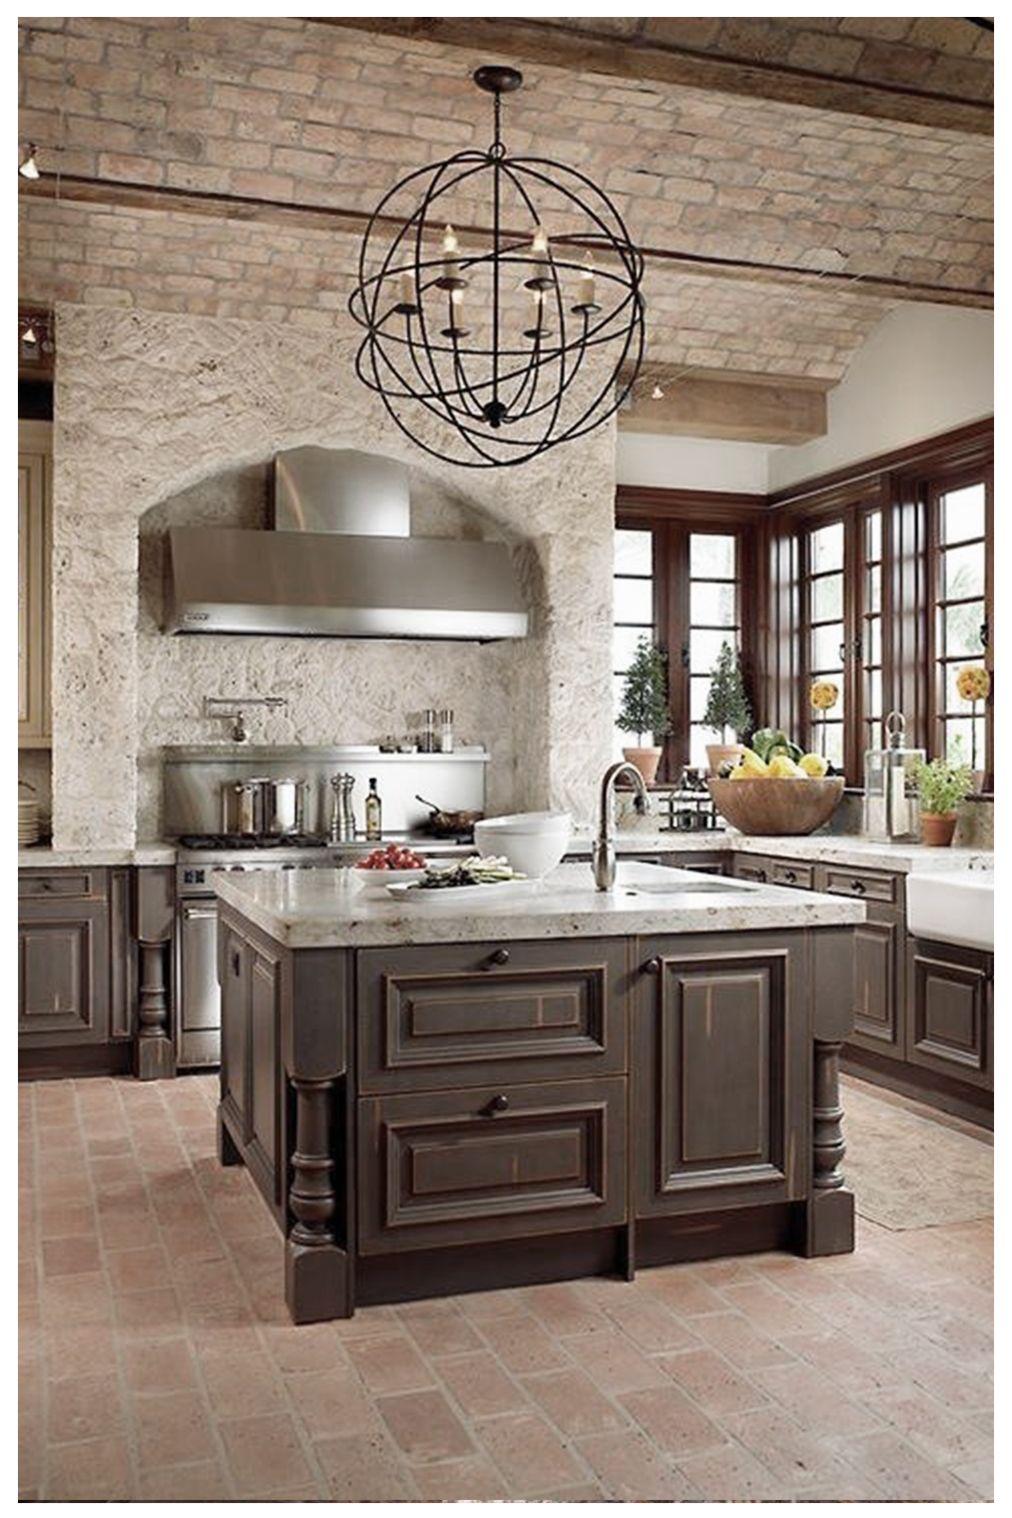 20 Fabulous Mediterranean Kitchen Design Elements Ideas In 2020 Tuscan Kitchen Design Mediterranean Kitchen Design Mediterranean Kitchen